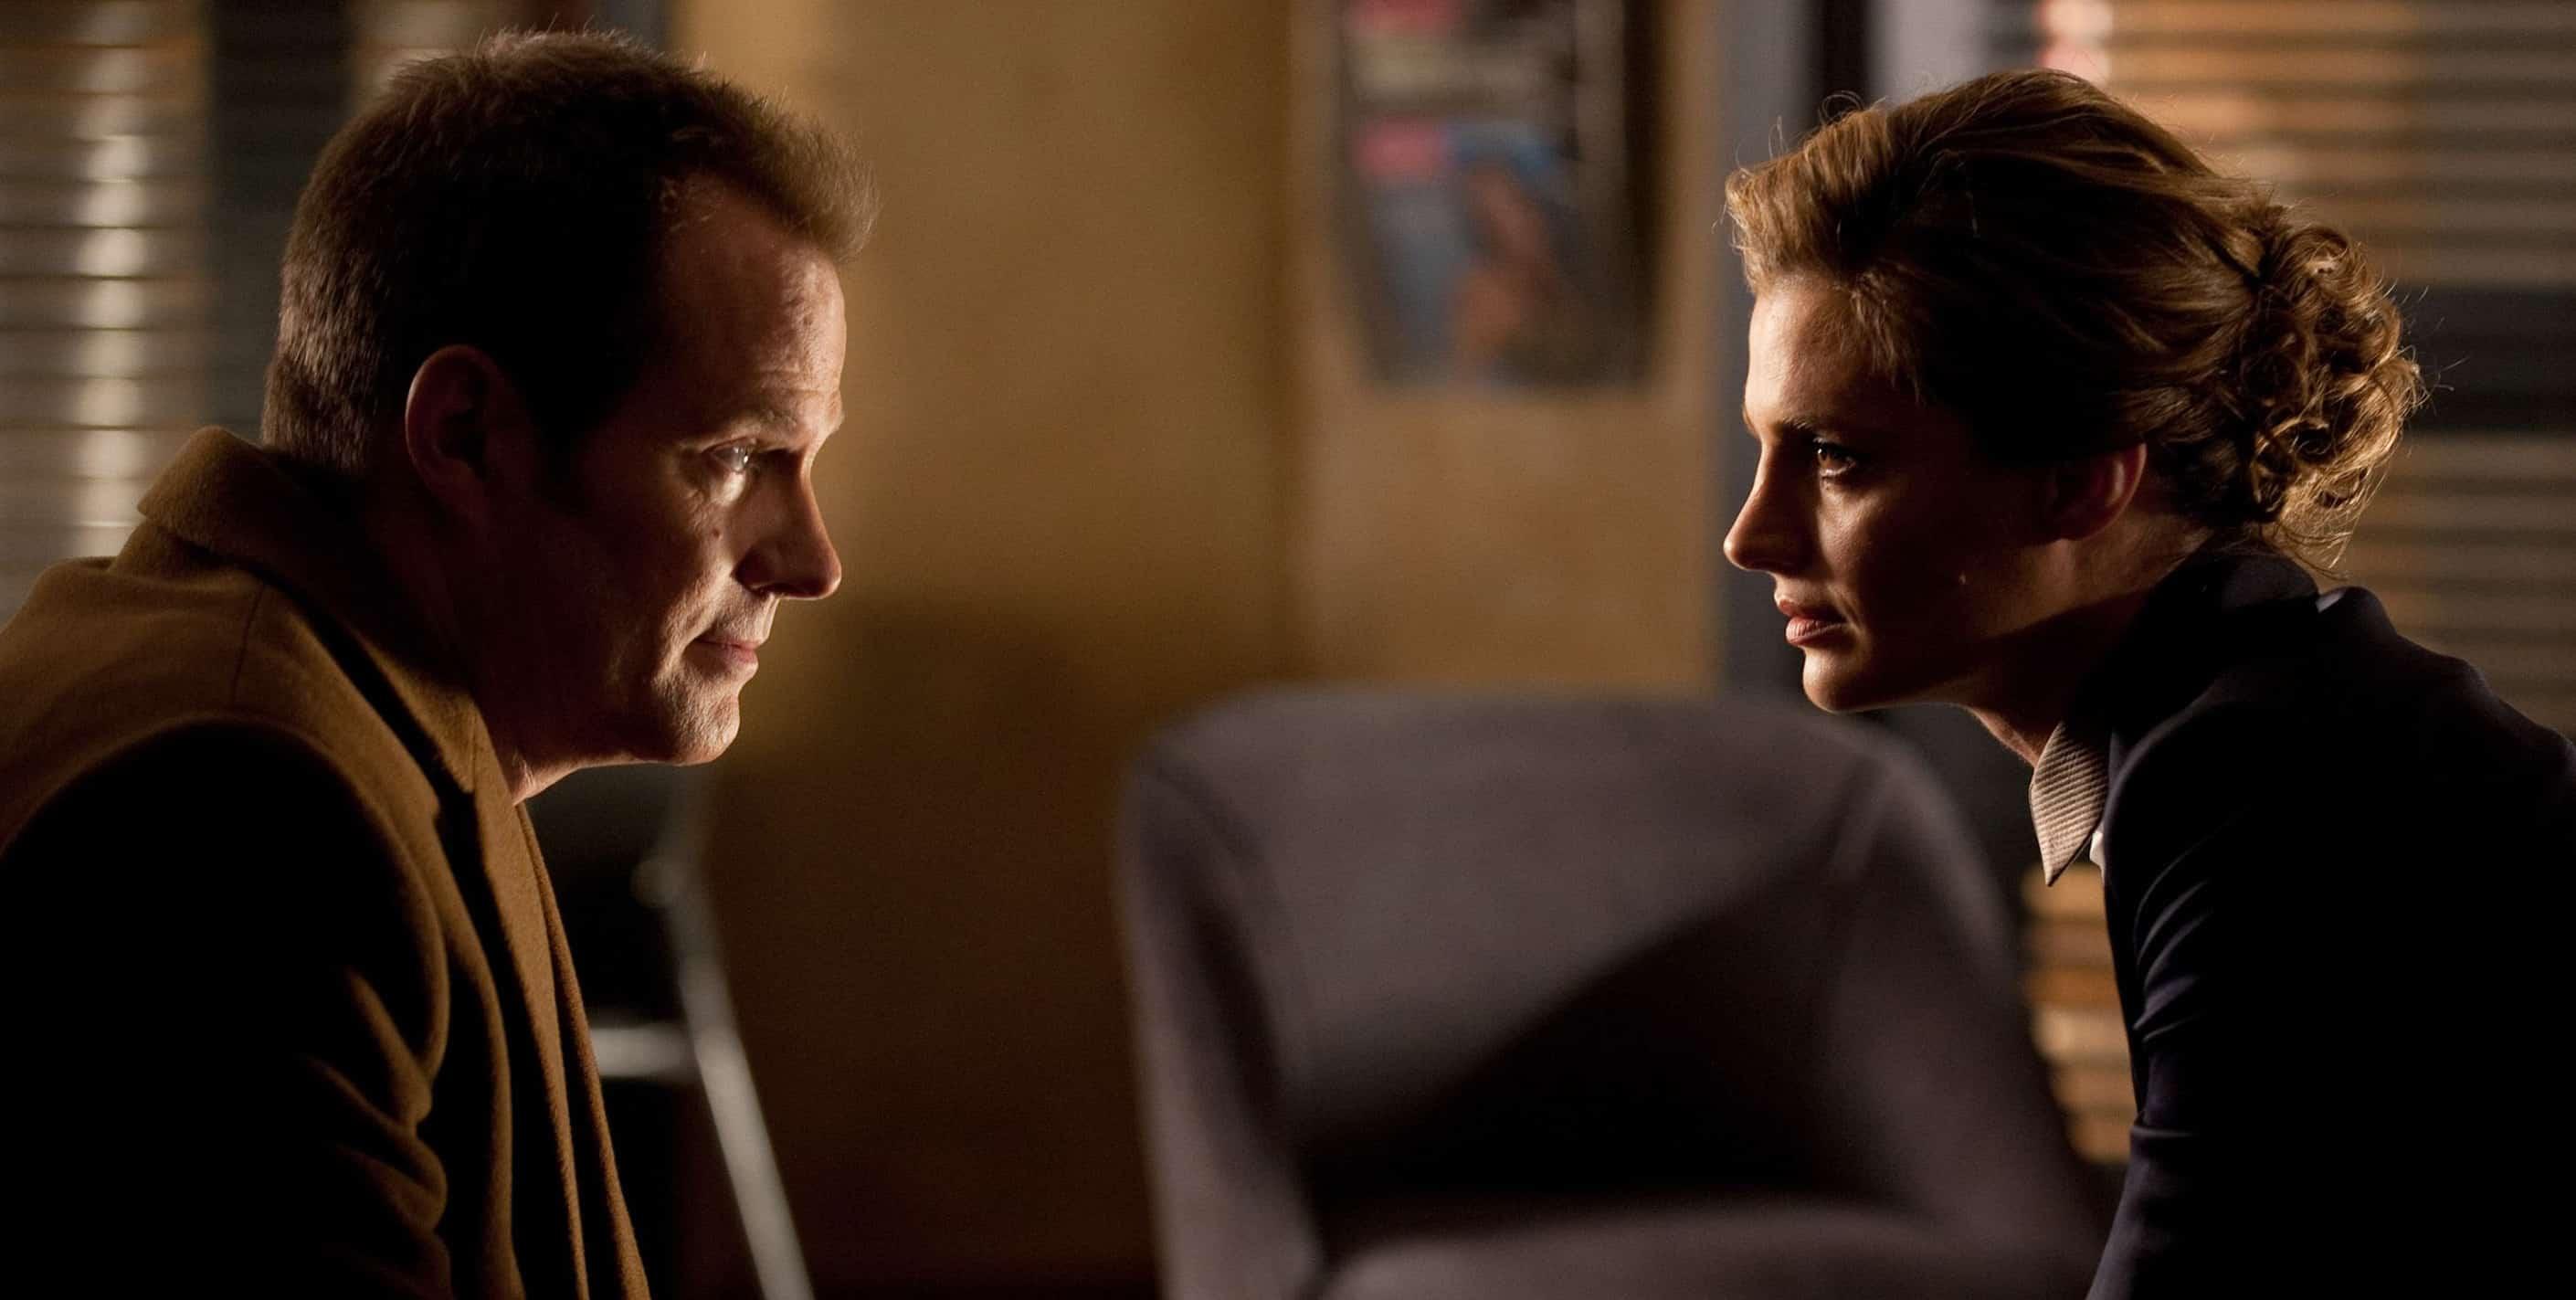 Jack Coleman et Stana Katic dans la série Castle